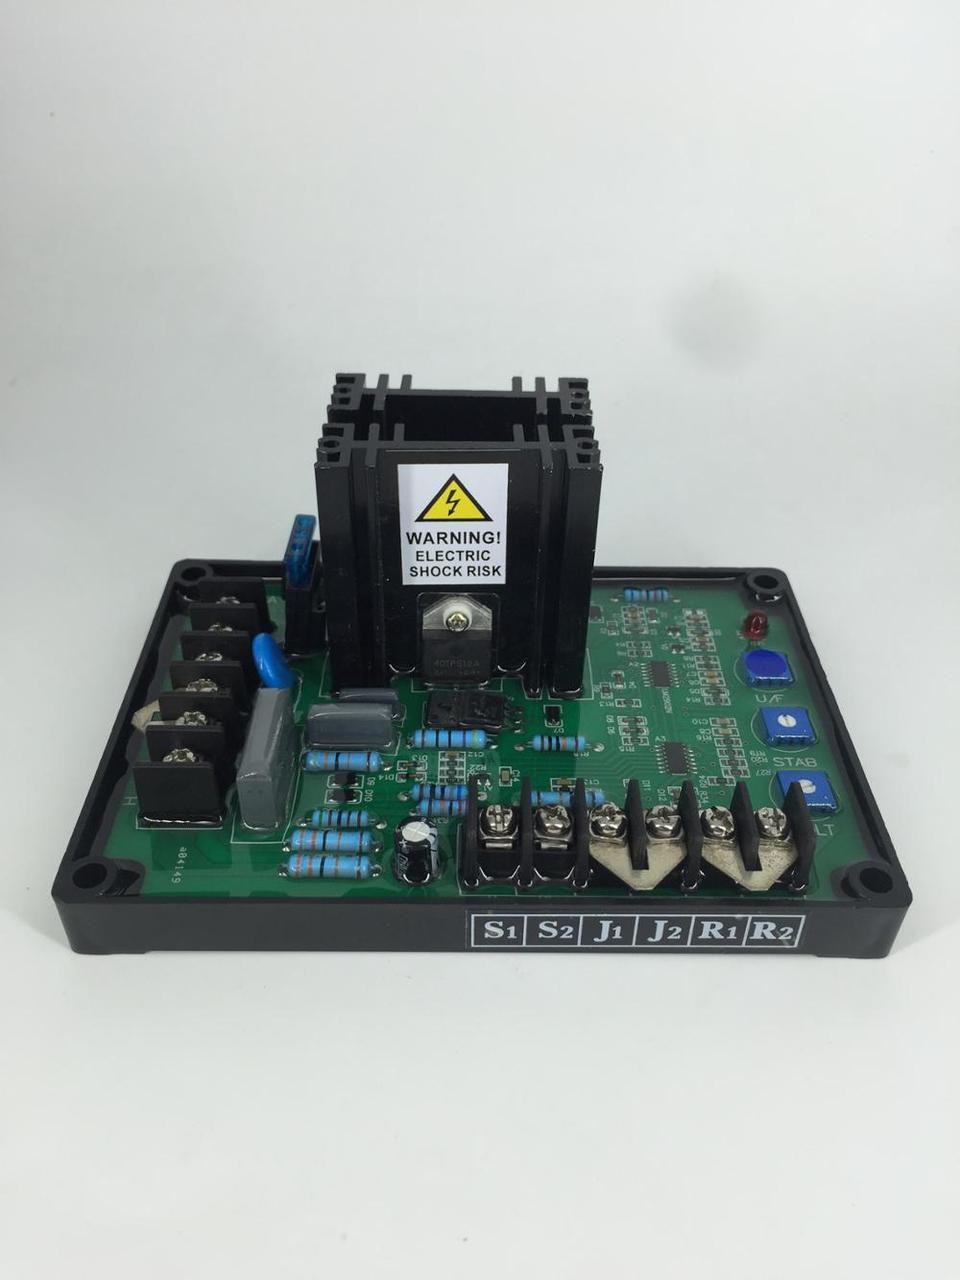 GAVR-15A генератор Генеральный автоматический регулятор напряжения avr